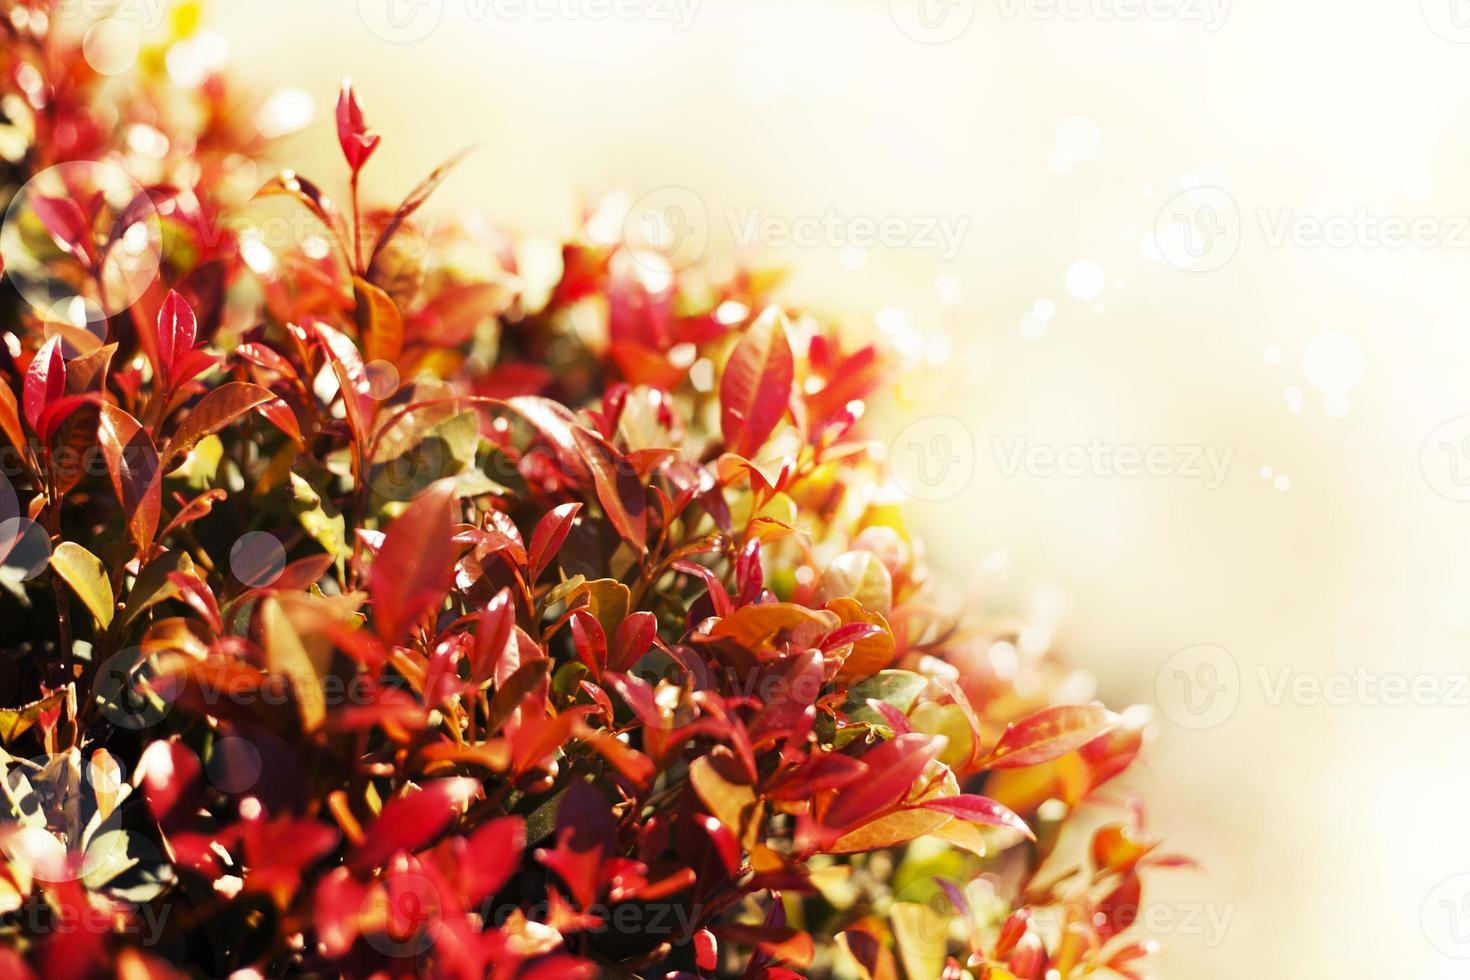 fond de feuilles d'automne jaune, mise au point très peu profonde, macro photographie photo